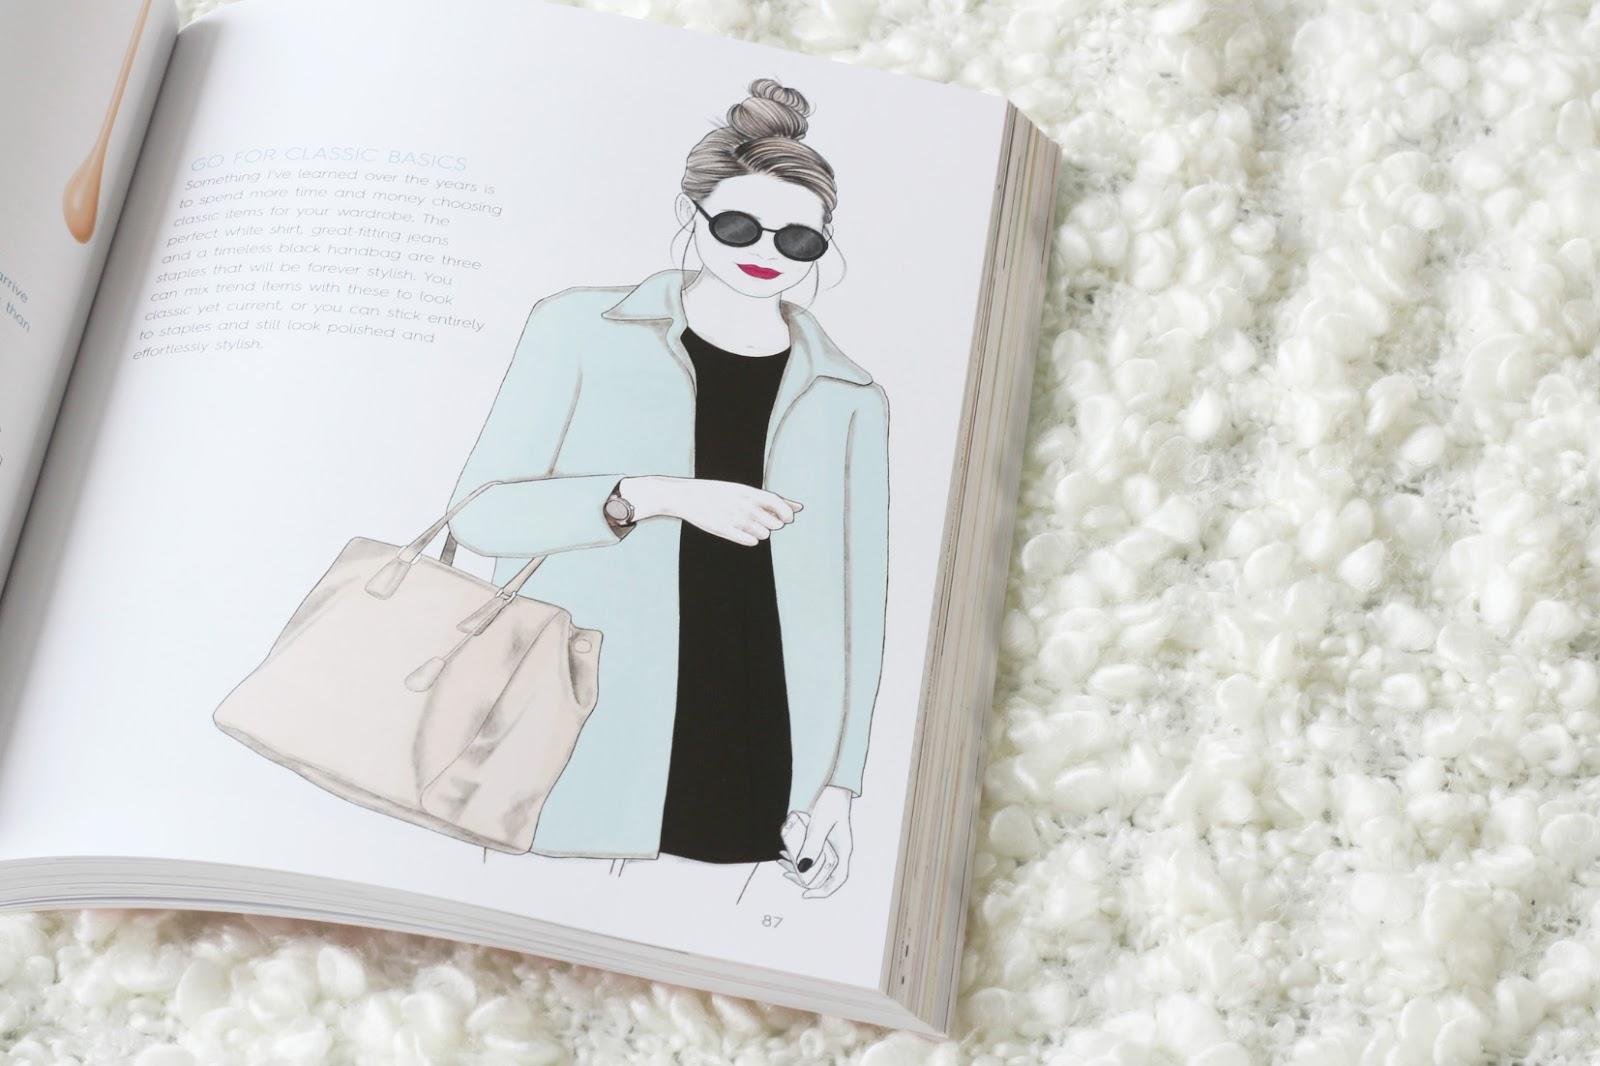 fleur de force book review, fleur de force, the glam guide, the glam guide book review